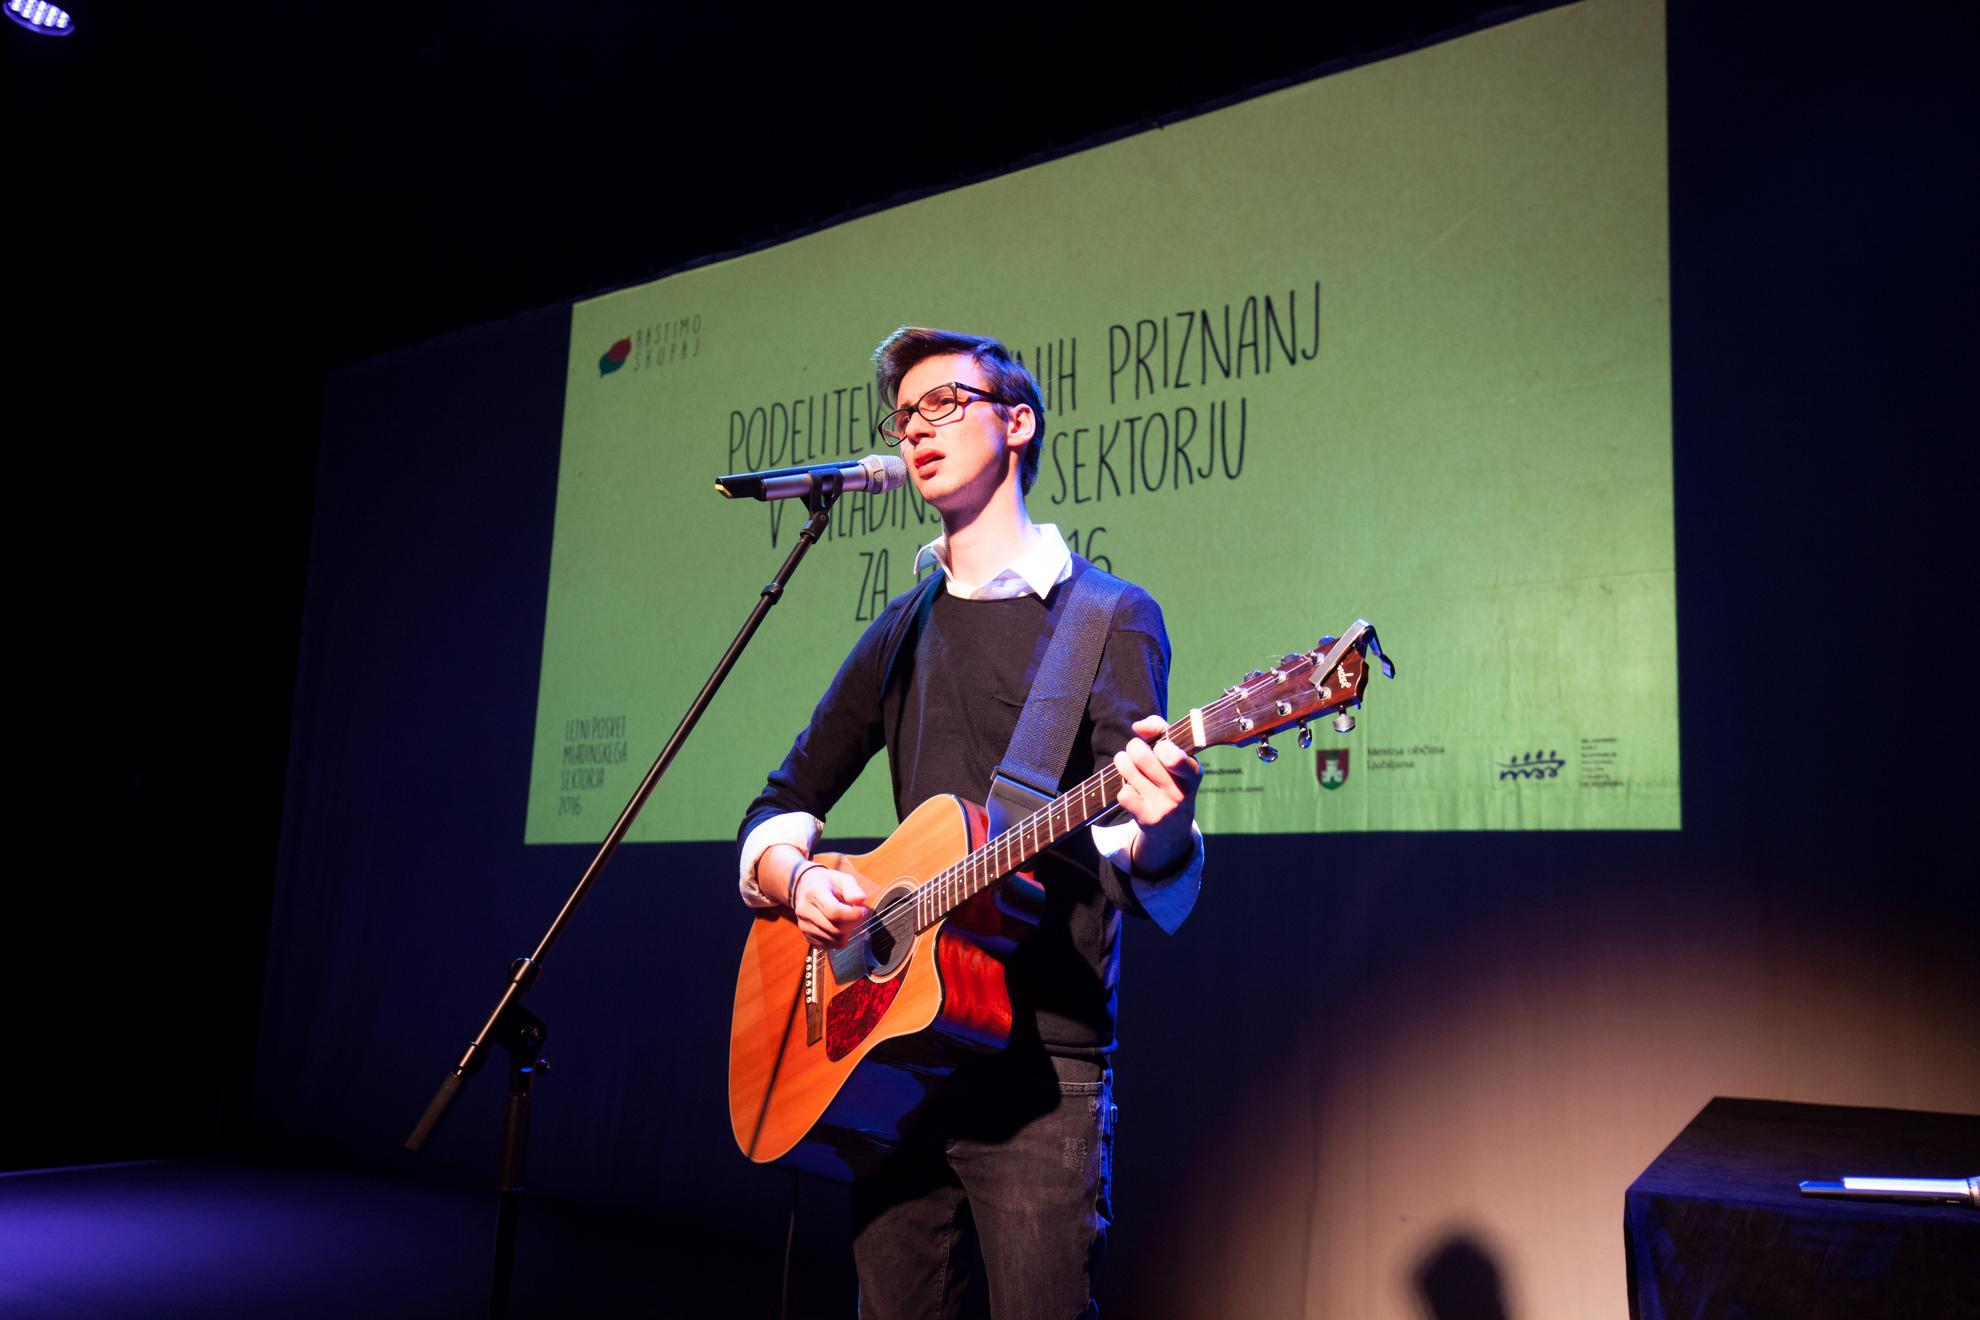 14.12.2016 Ljubljana, Oder pod zvezdami, Šentjakobsko gledališče. Posvet Mladinskega sektorja z URSM, MSS in UM MOL